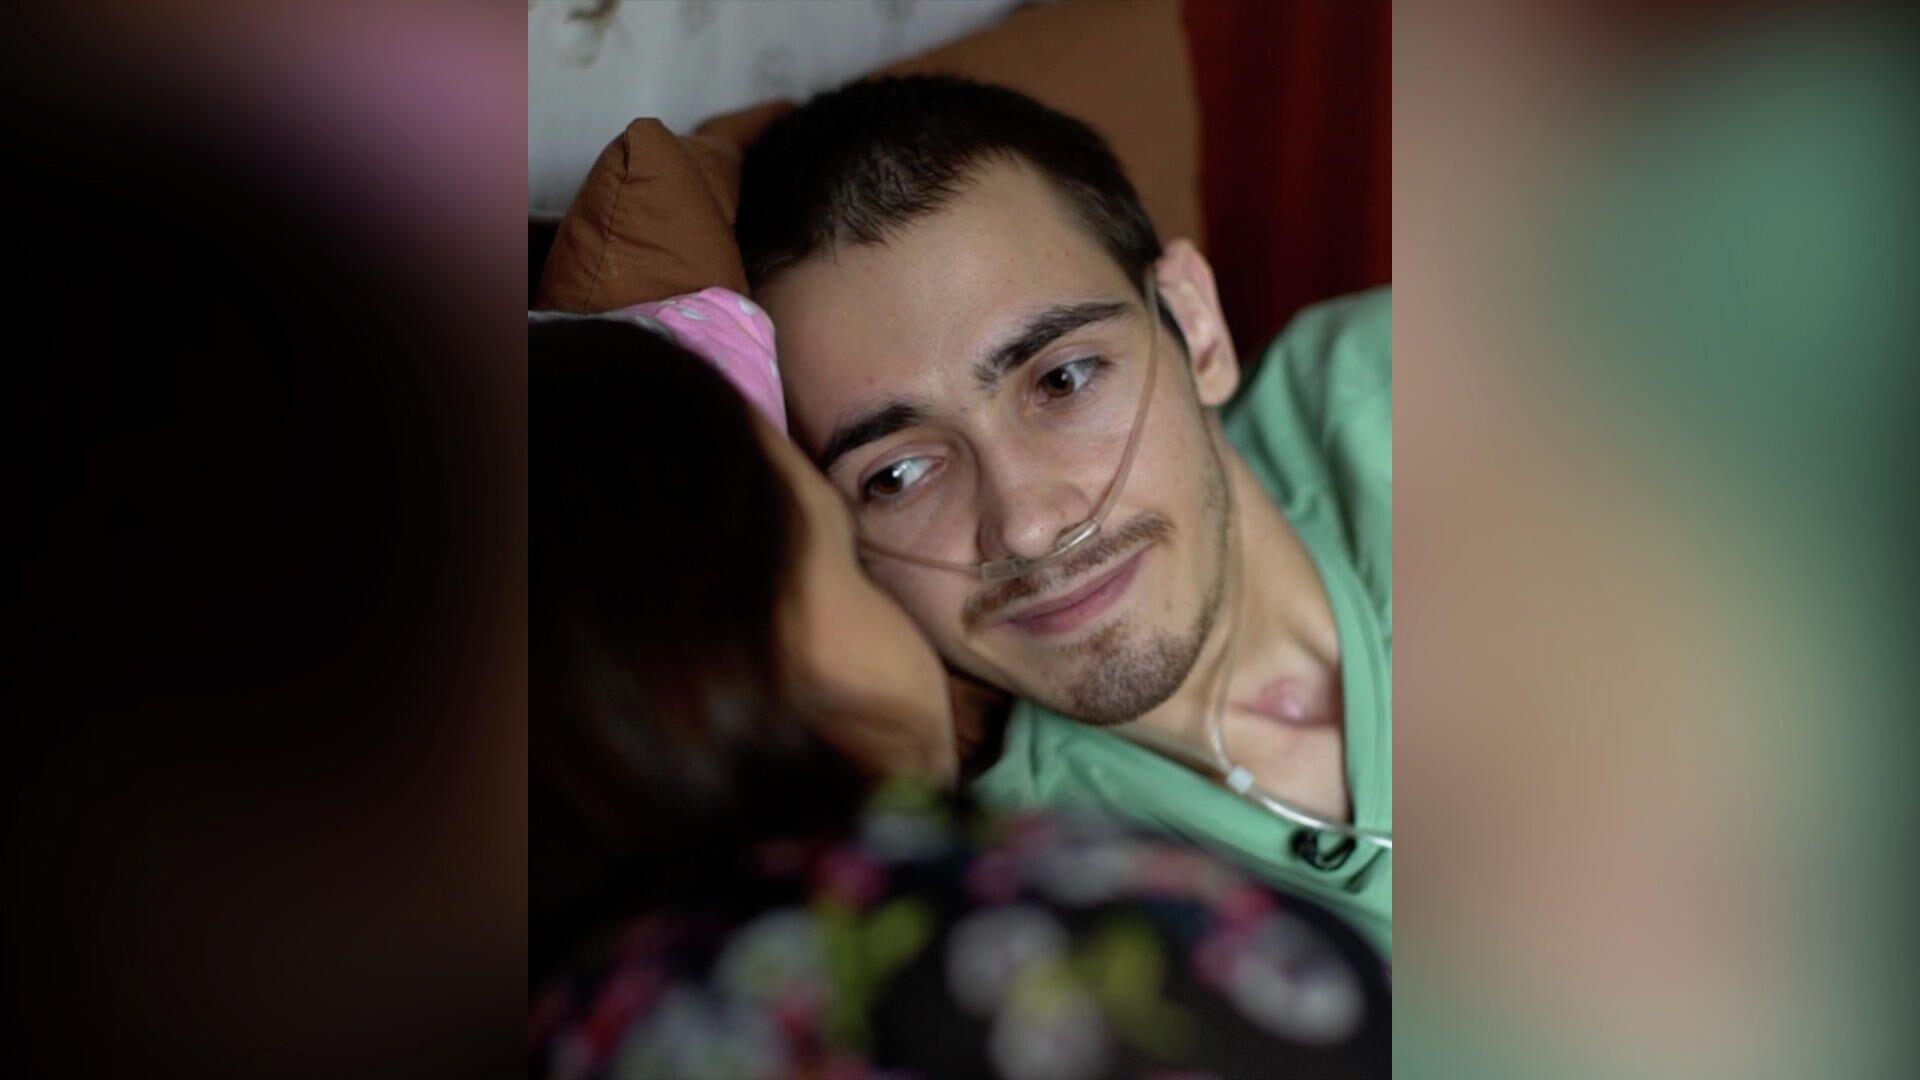 25χρονος με ανίατη ασθένεια περιμένει μεταμόσχευση πνεύμονα με μόνο στήριγμα της σύζυγό του - Sputnik Ελλάδα, 1920, 13.10.2021